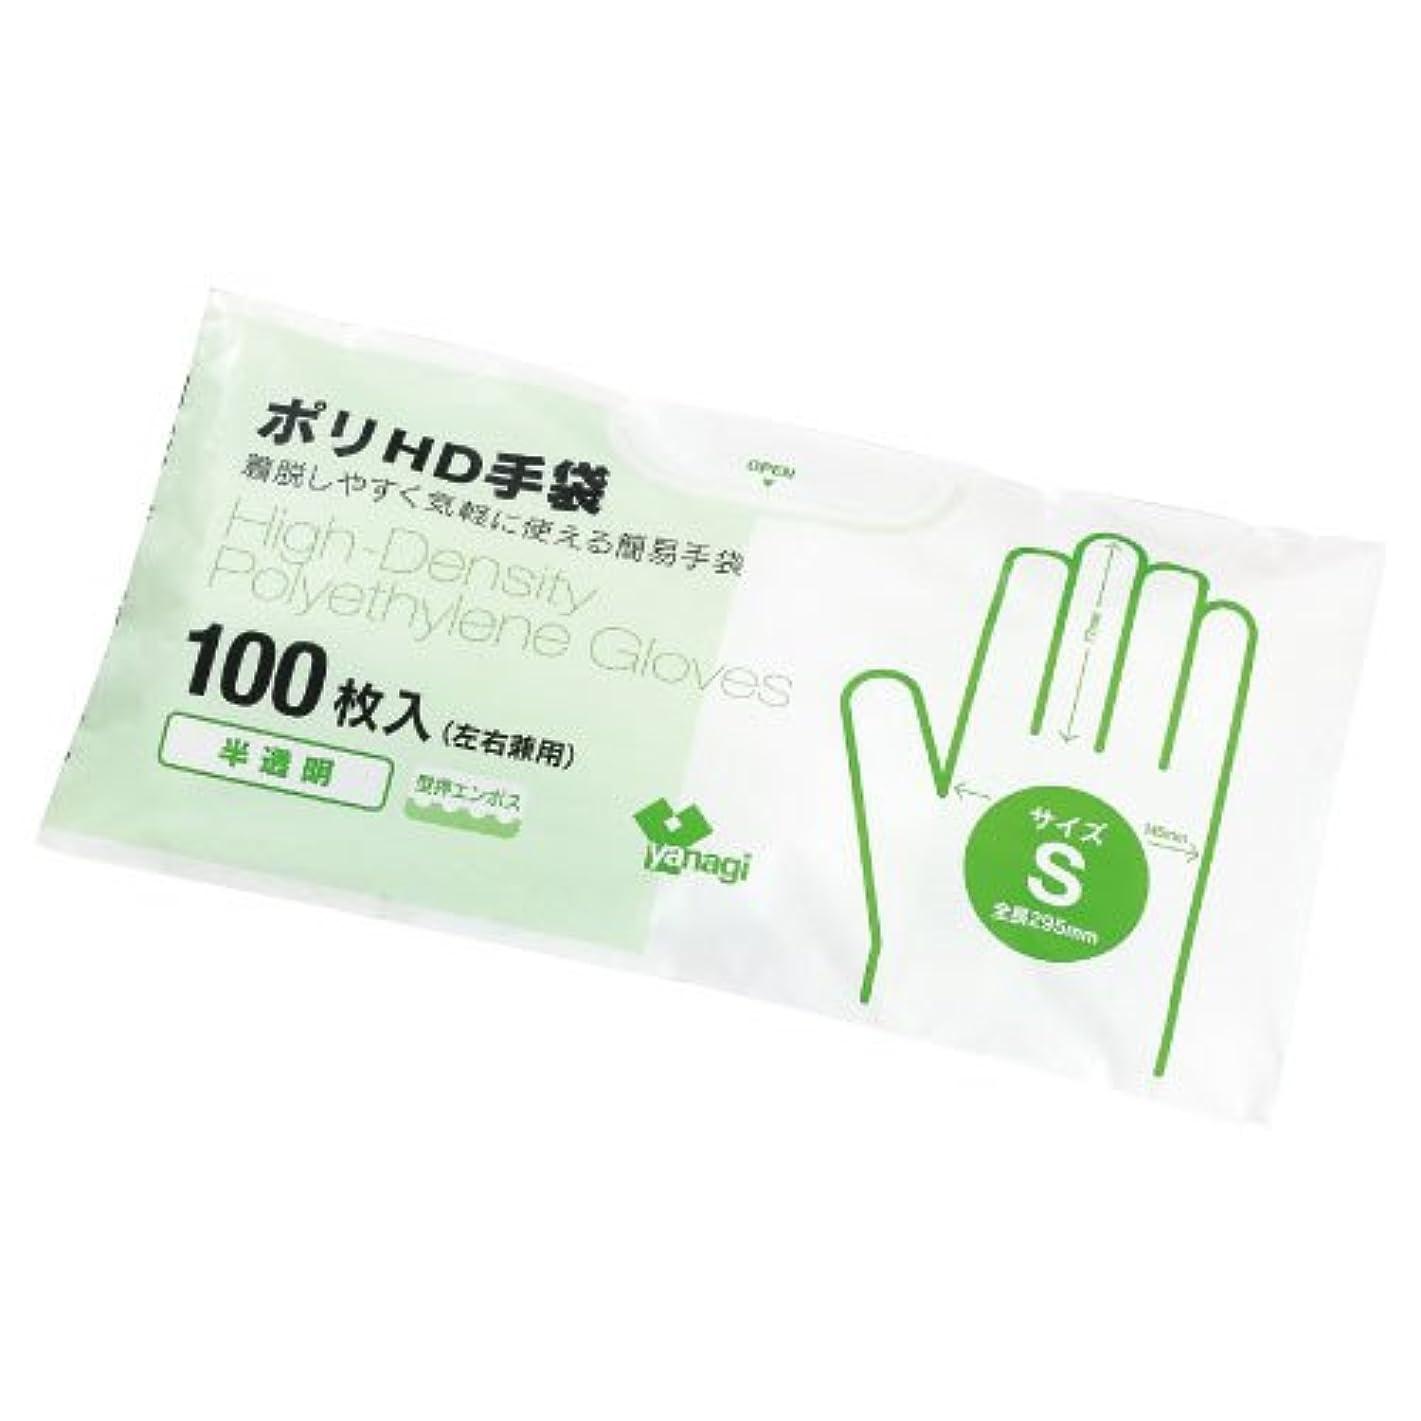 ポリHD手袋(半透明)型押エンボス TB-202(S)100???? ???HD???????????????(24-2575-00)【やなぎプロダクツ】[120袋単位]